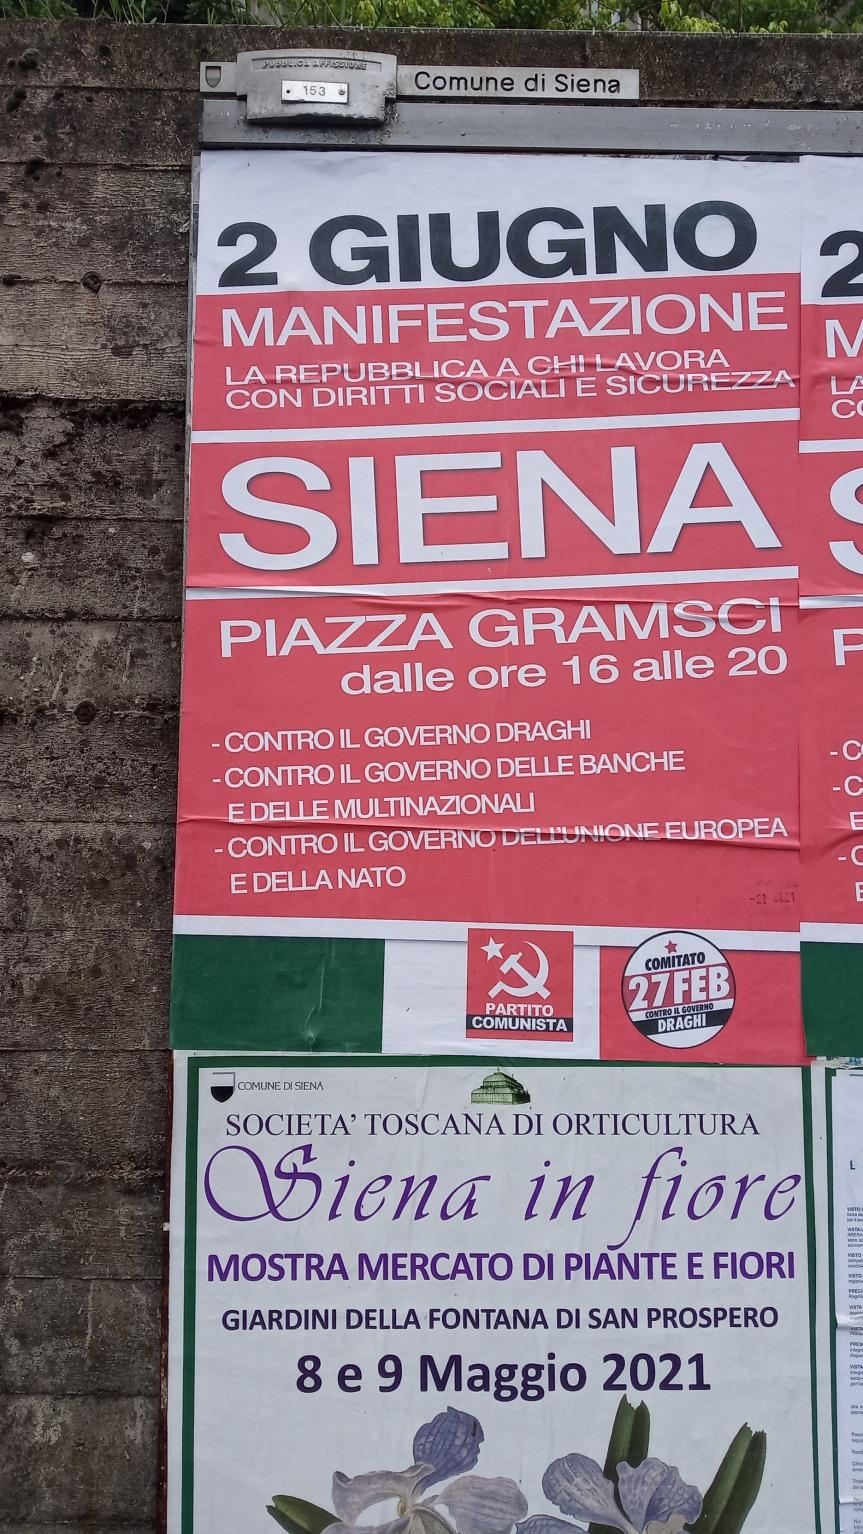 Siena: 2 giugno manifestazione del Partito Comunista in PiazzaGramsci